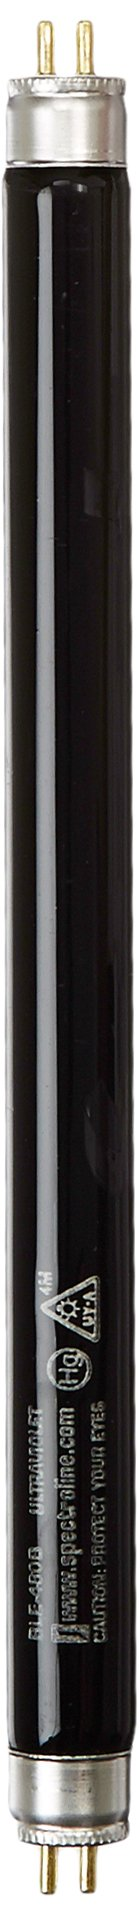 Spectronics BLE-480B Tube, 365nm, 6 Watt BLB by Spectronics